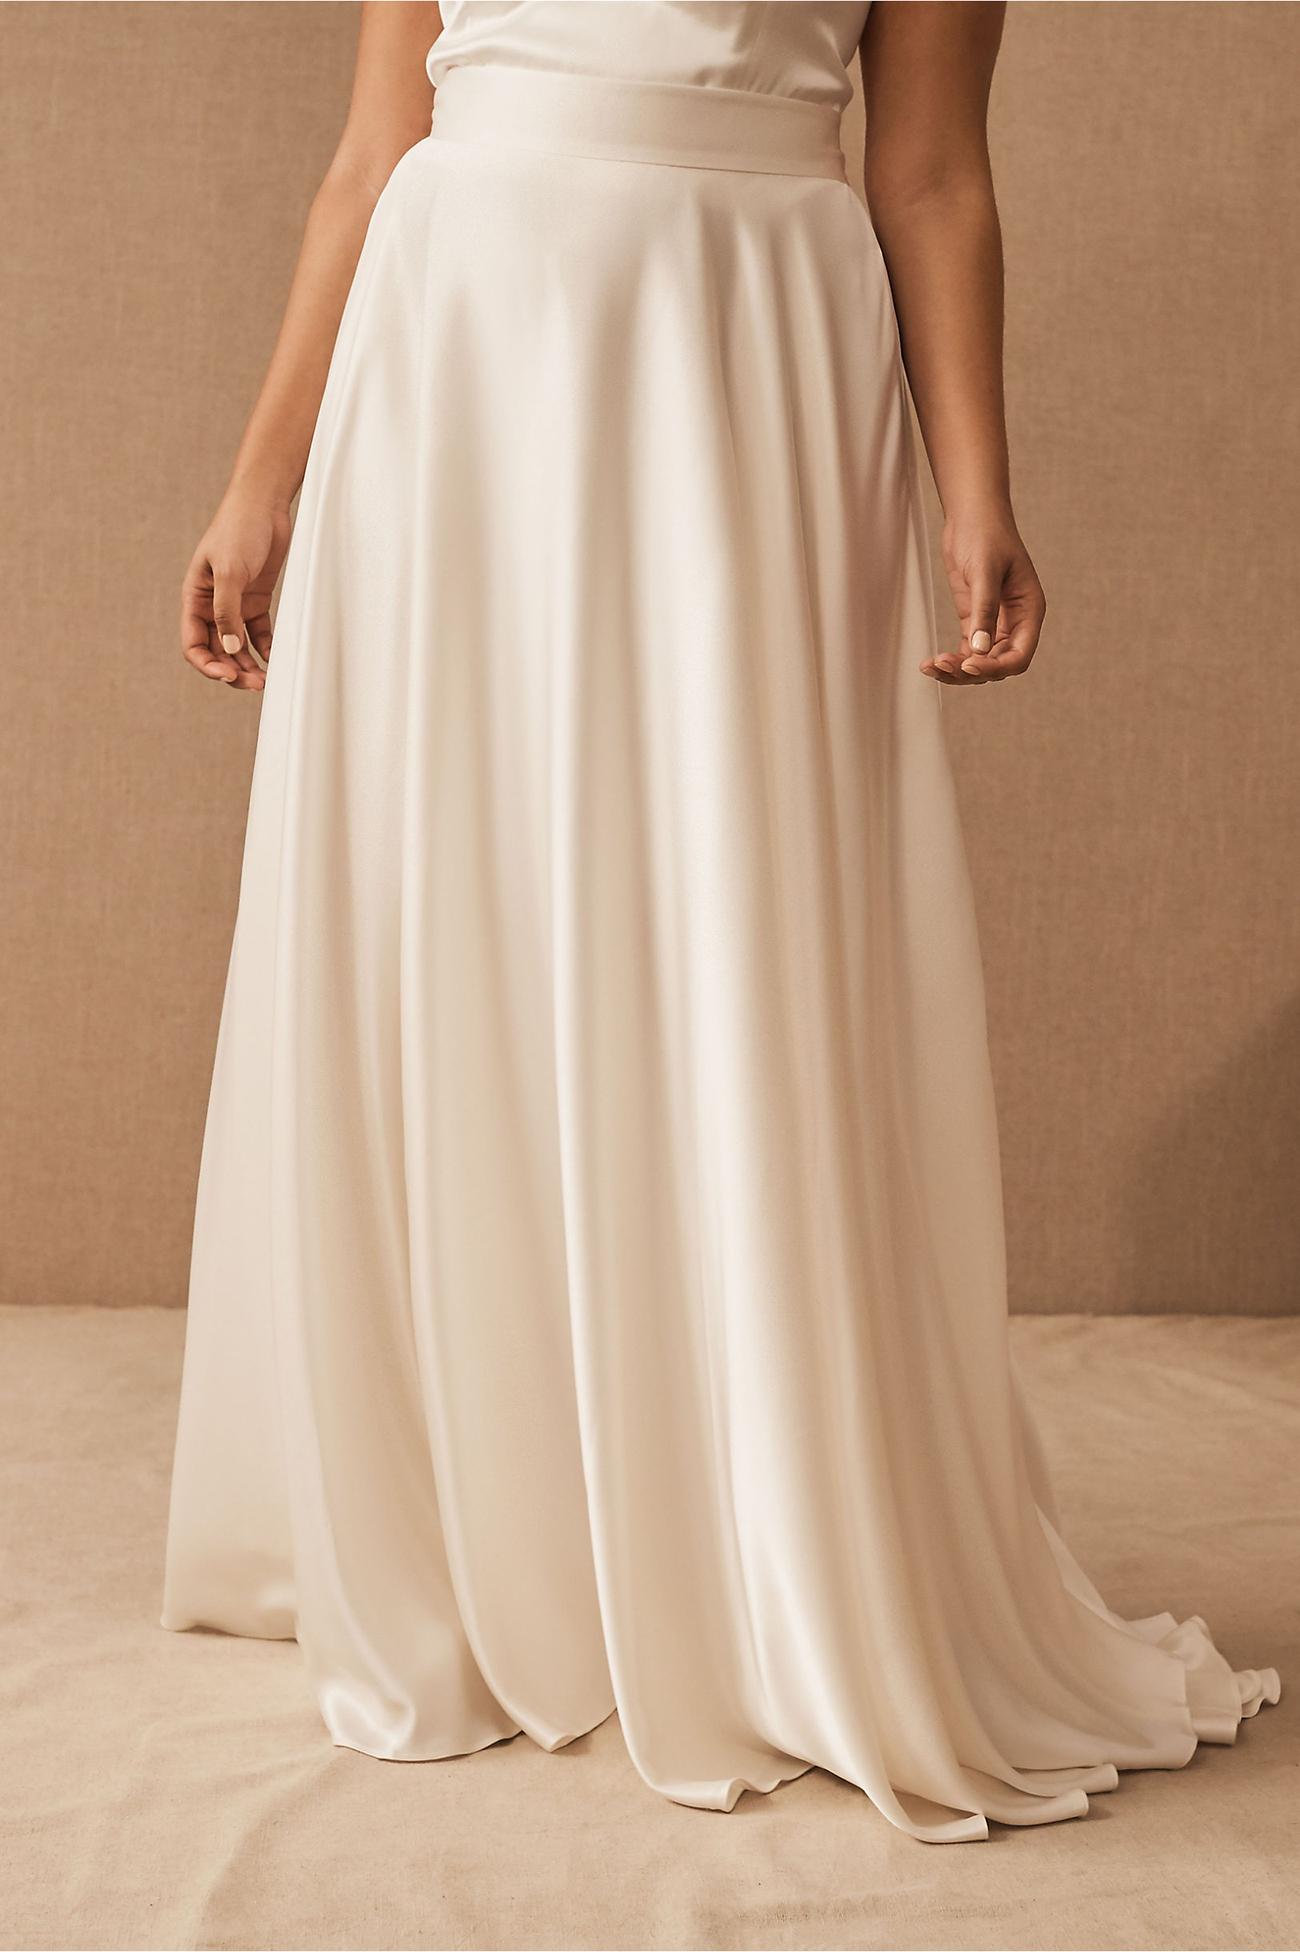 bhldn bridal skirt